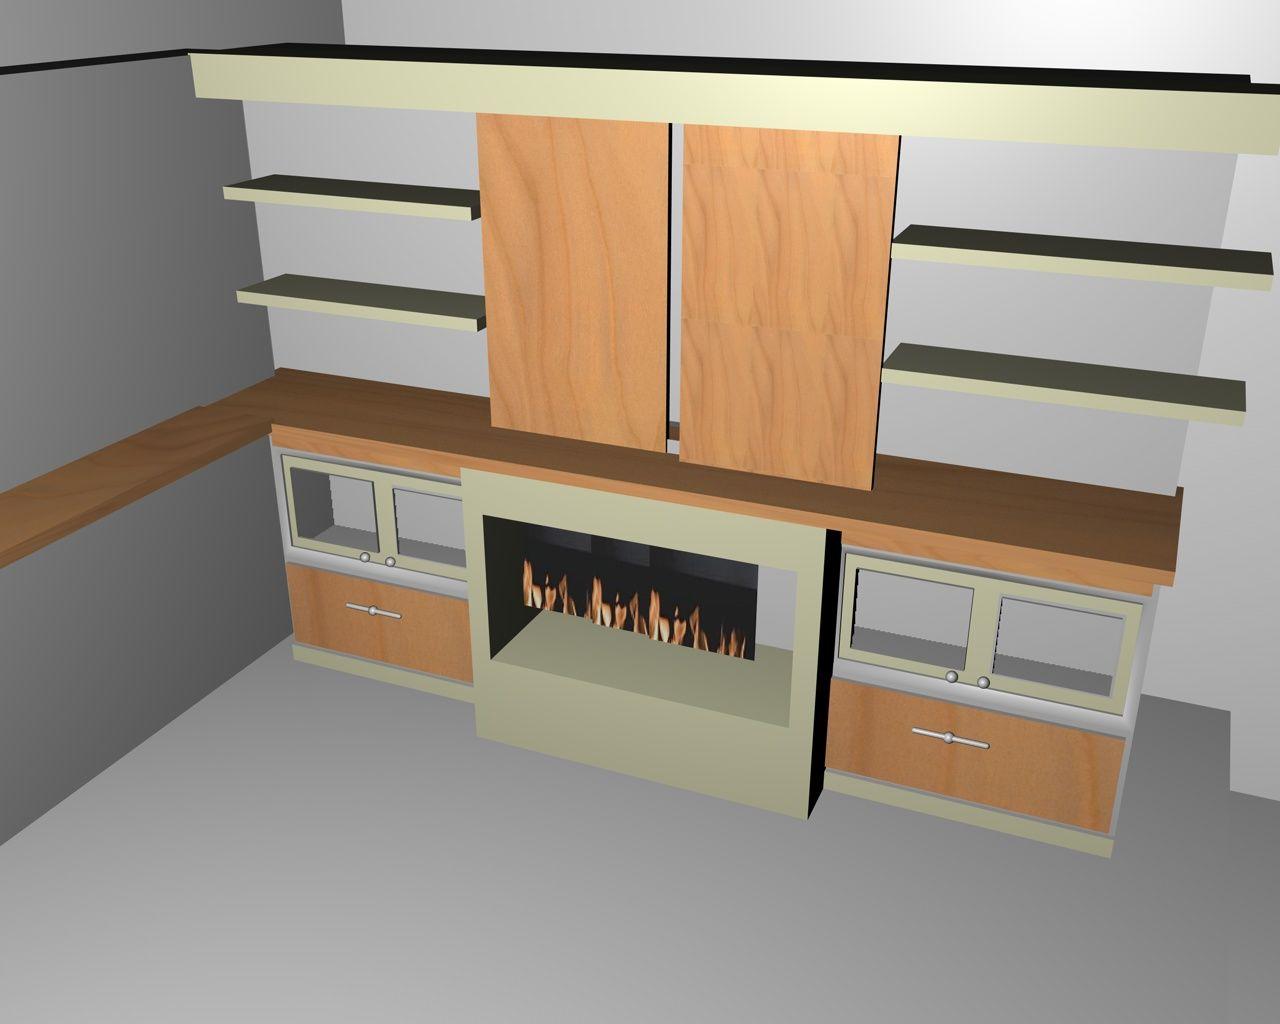 Mueble con chimenea interior para tv decoracion - Chimenea electrica mueble ...